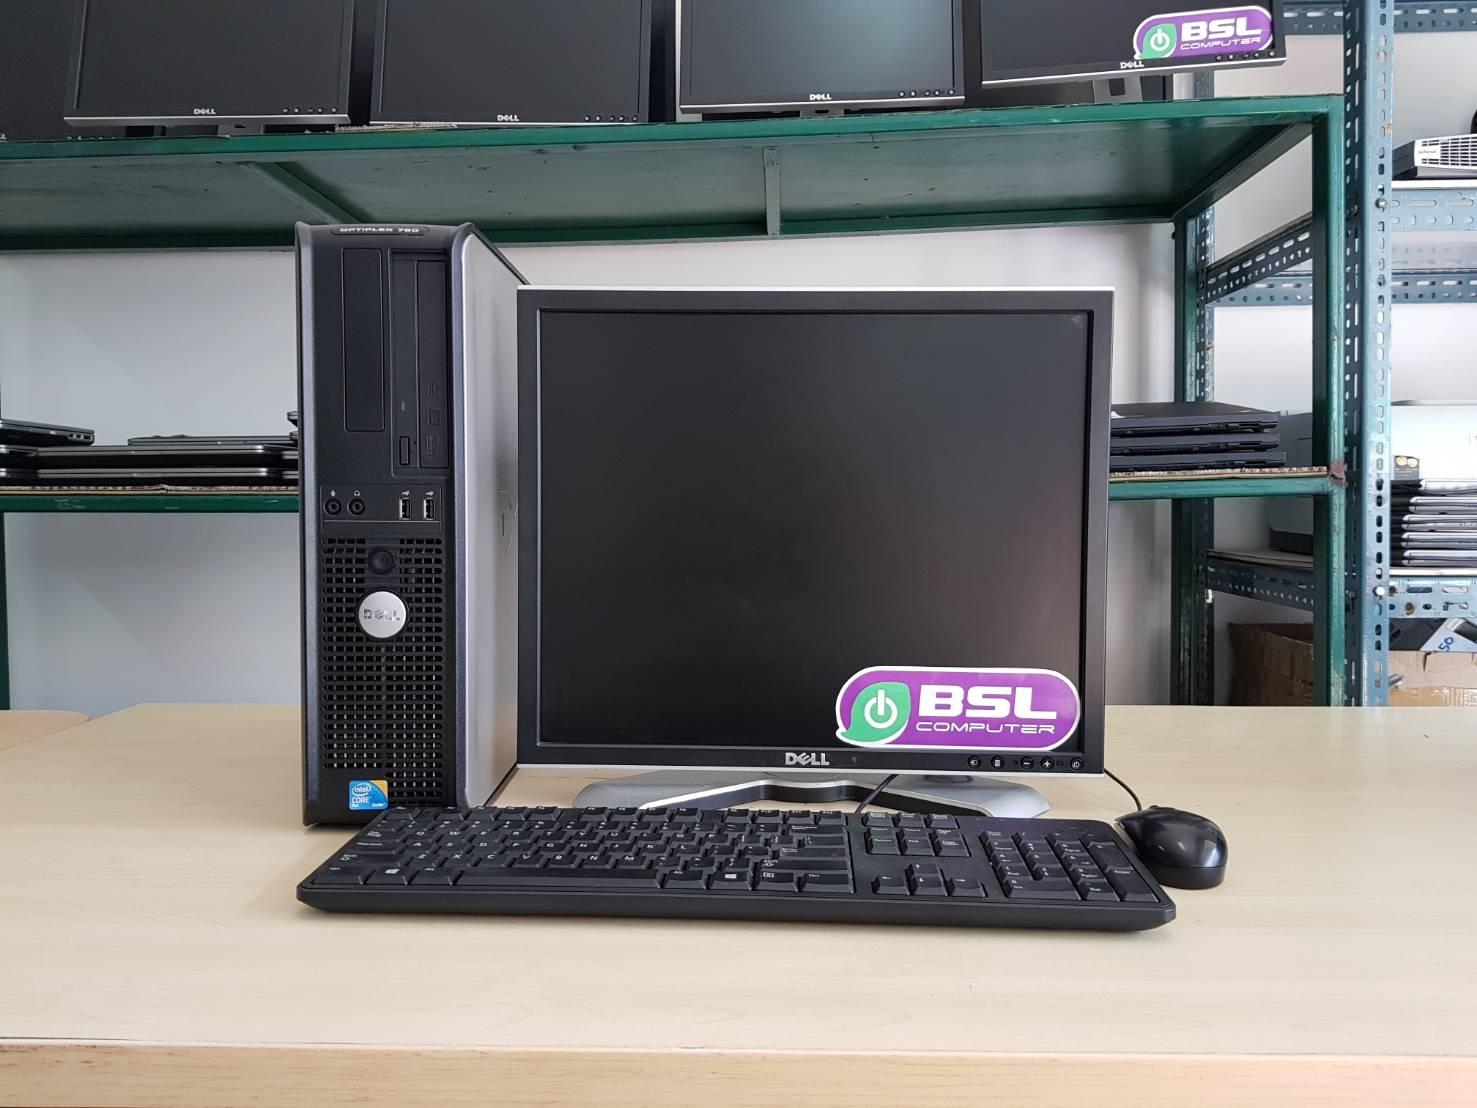 """เล่นเกมส์-ครบชุด-พร้อมเล่น DELL 760 Core2Duo + LCD 19"""" ถูกที่สุด"""